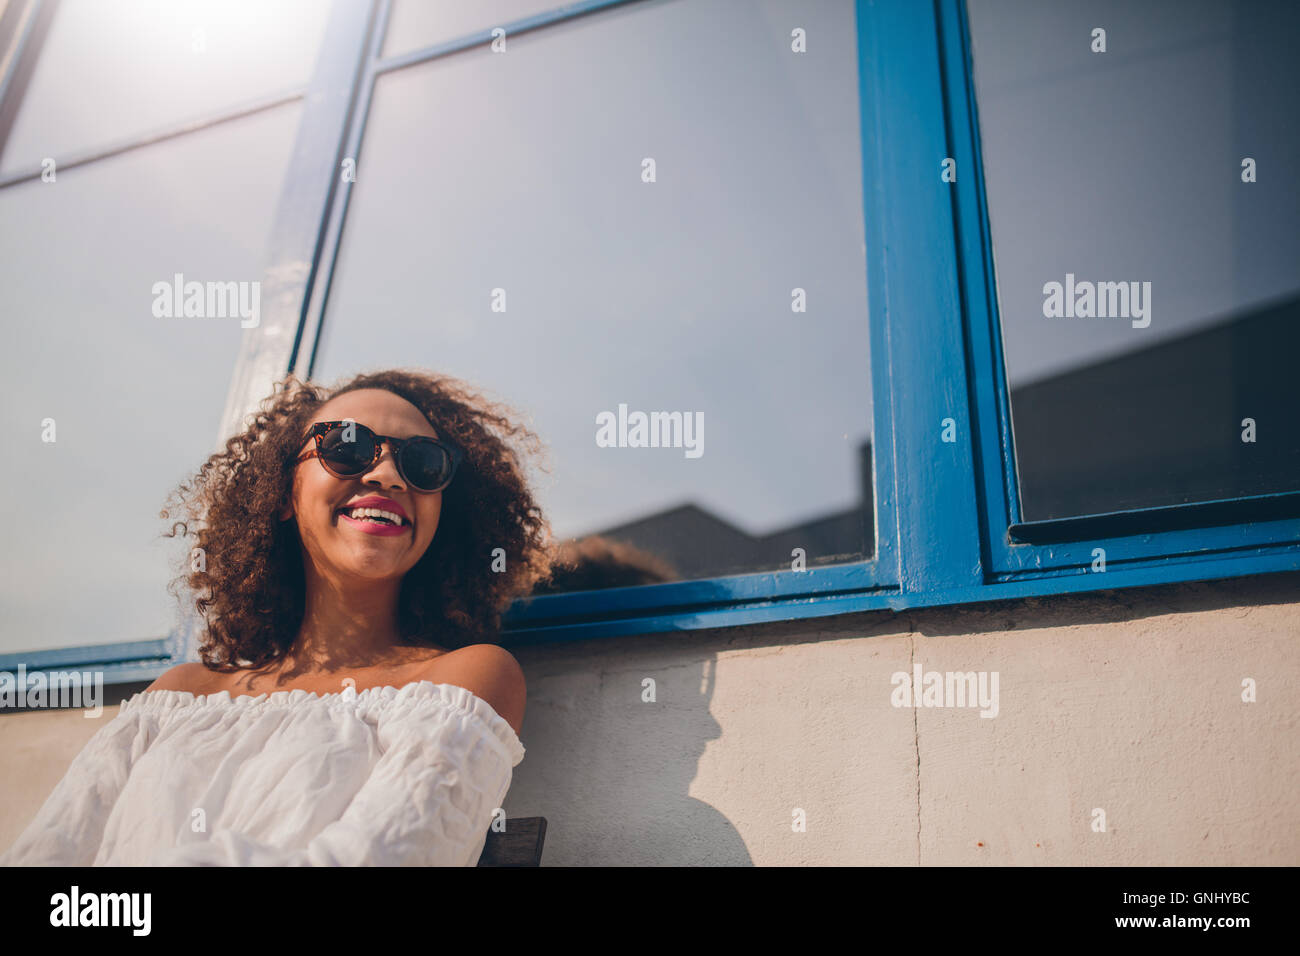 Disparo de feliz joven africana sentado afuera mirando lejos y sonriente. Mujer con gafas de sol sentado afuera Imagen De Stock